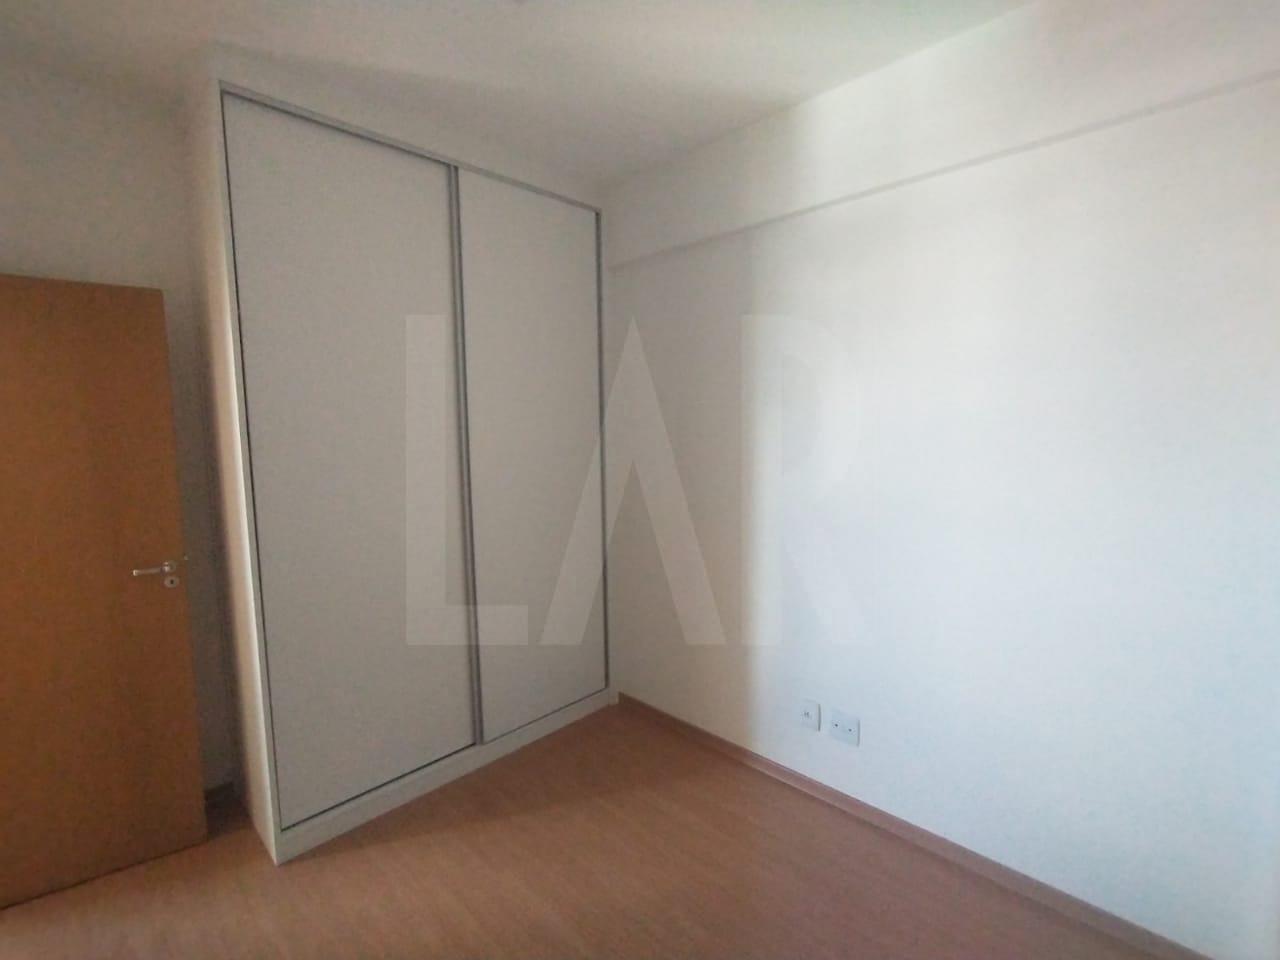 Foto Cobertura de 3 quartos à venda no OURO PRETO em Belo Horizonte - Imagem 05